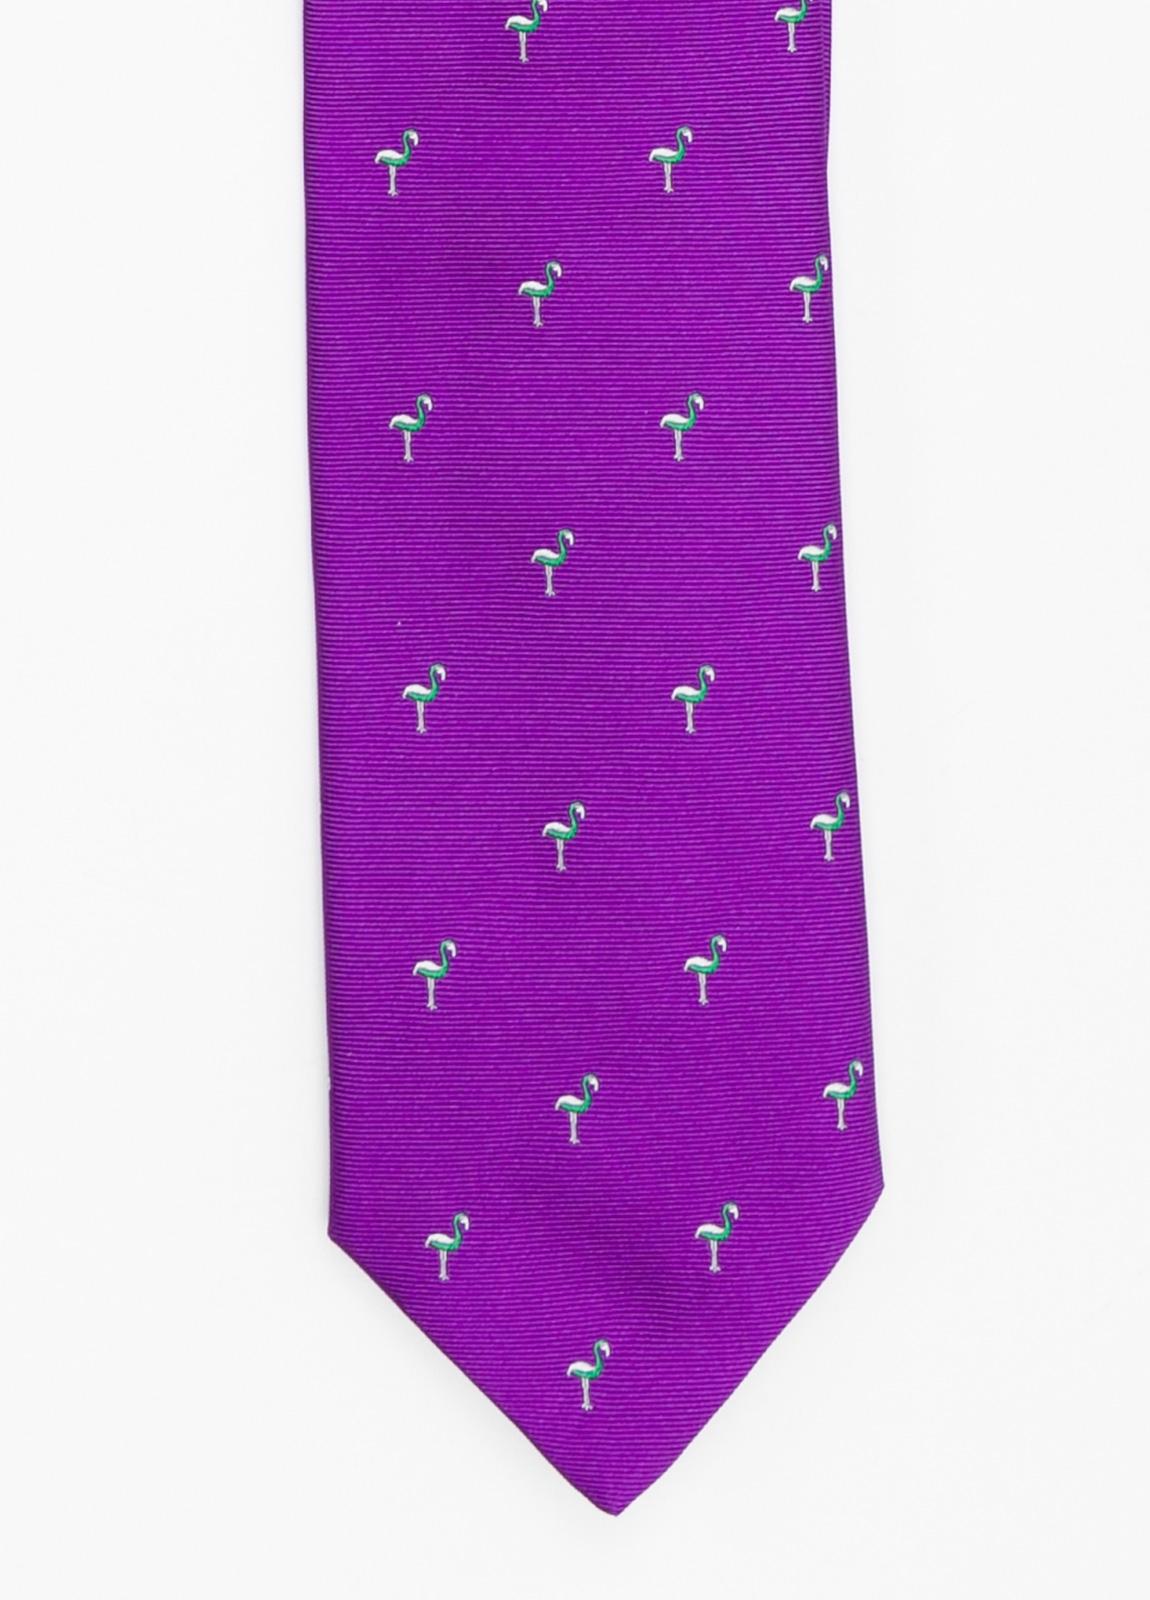 Corbata Formal Wear dibujo flamencos color lila. Pala 7,5 cm. 100% Seda.